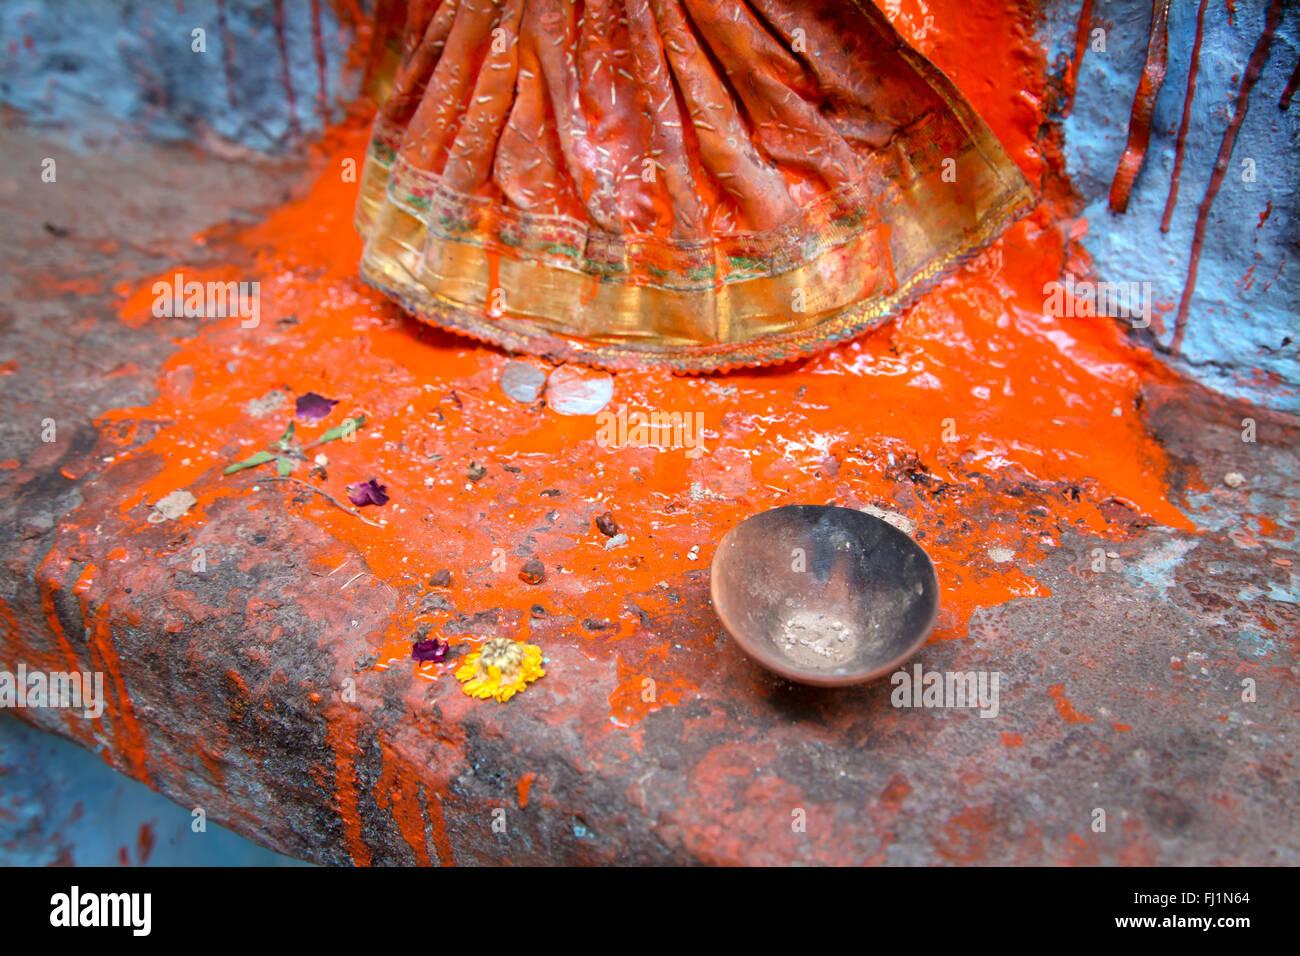 Nahaufnahme auf Rotes Pulver mit Wasser für miwed Puja auf Statue in Varanasi, Indien Stockbild